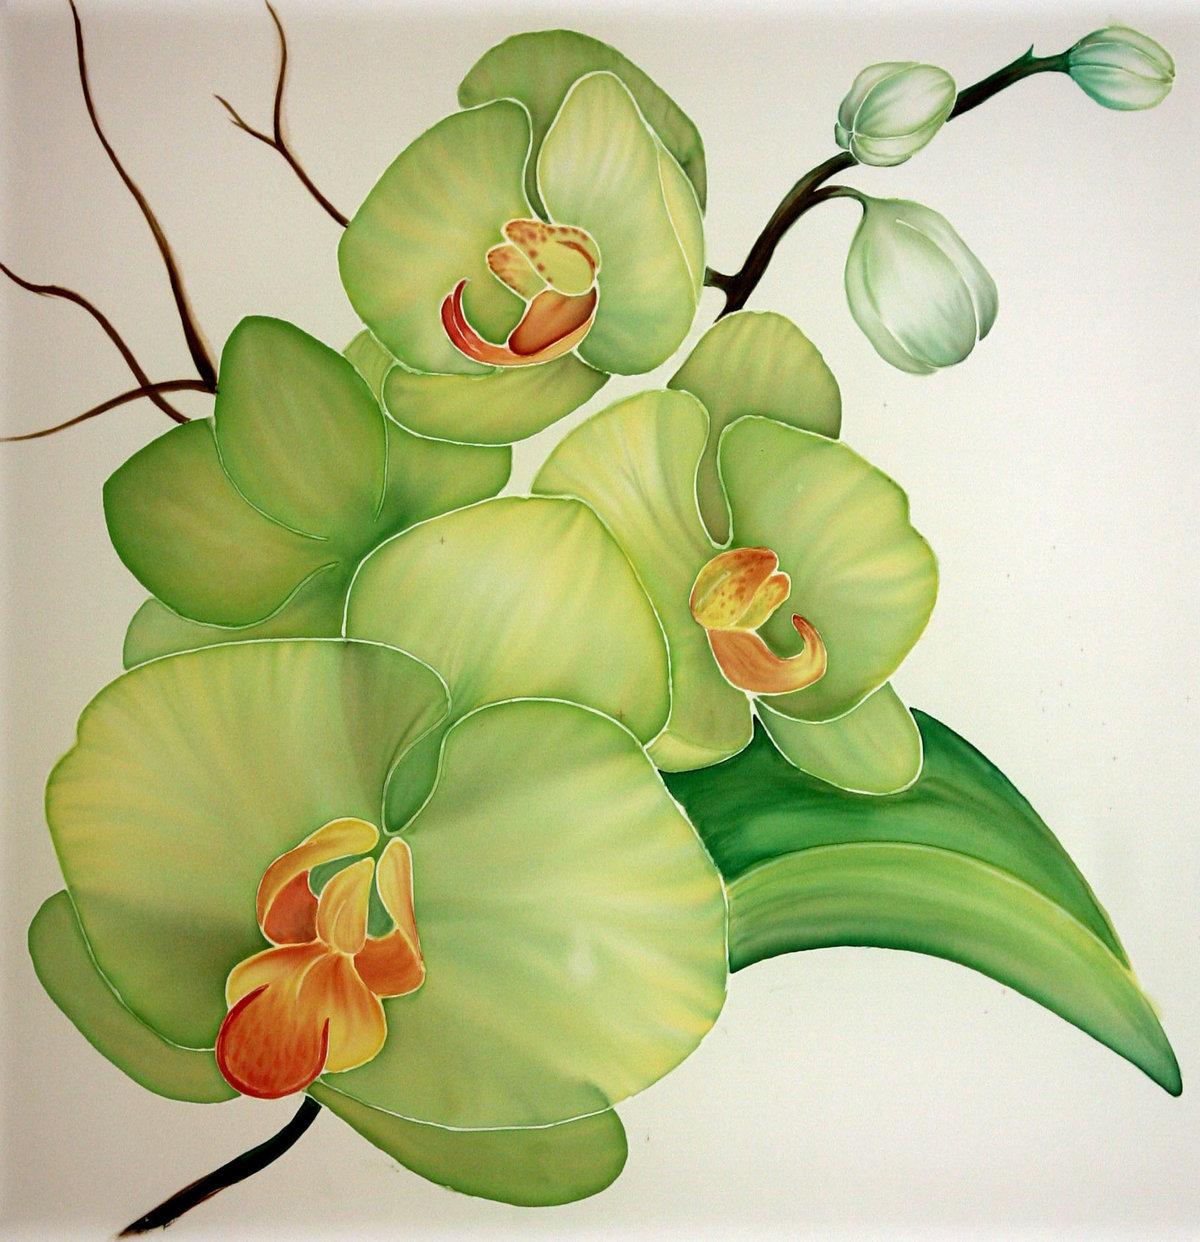 картина для распечатки орхидея так по-другому называется